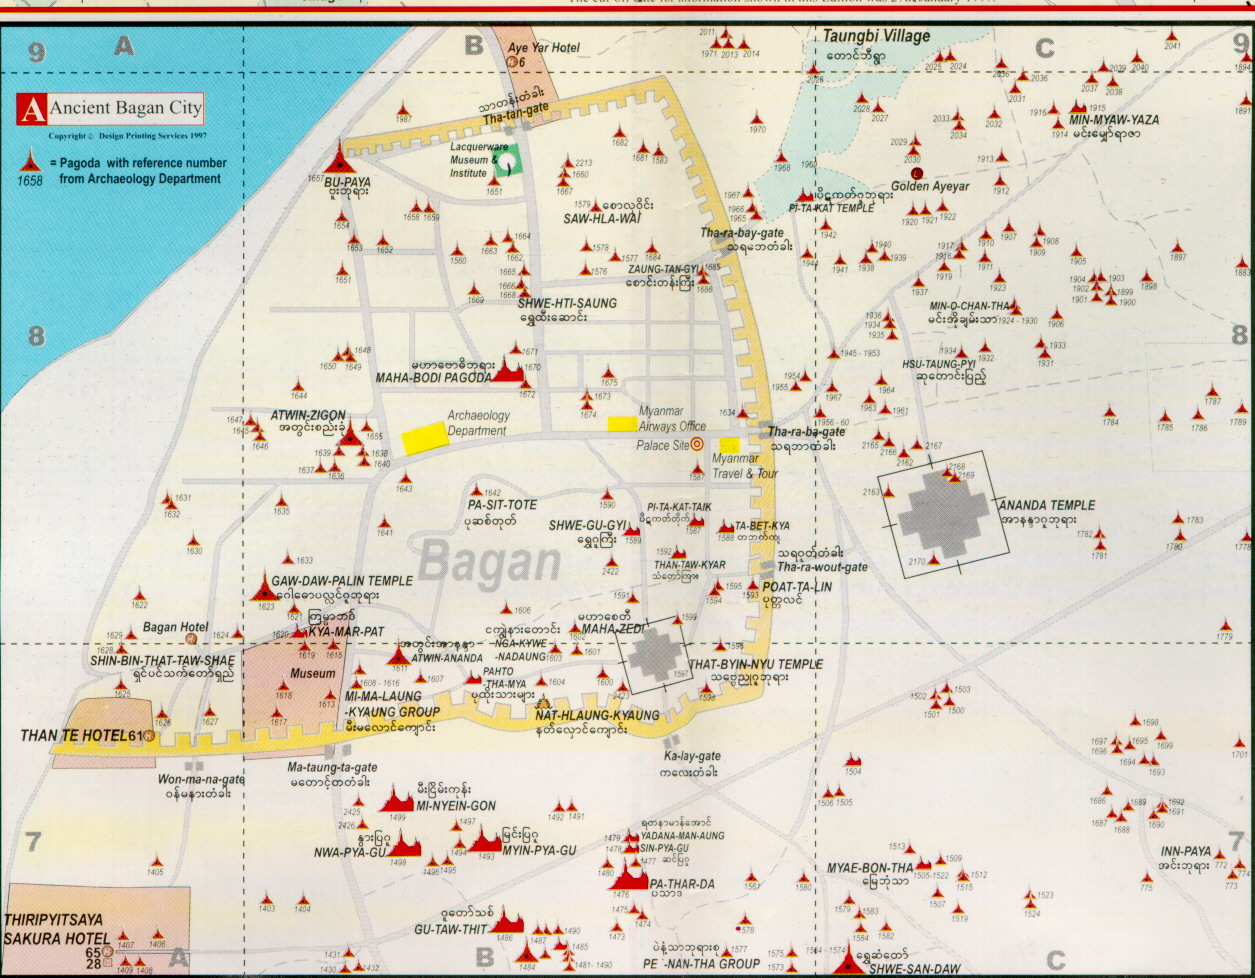 Myanmar Map of Bagan images